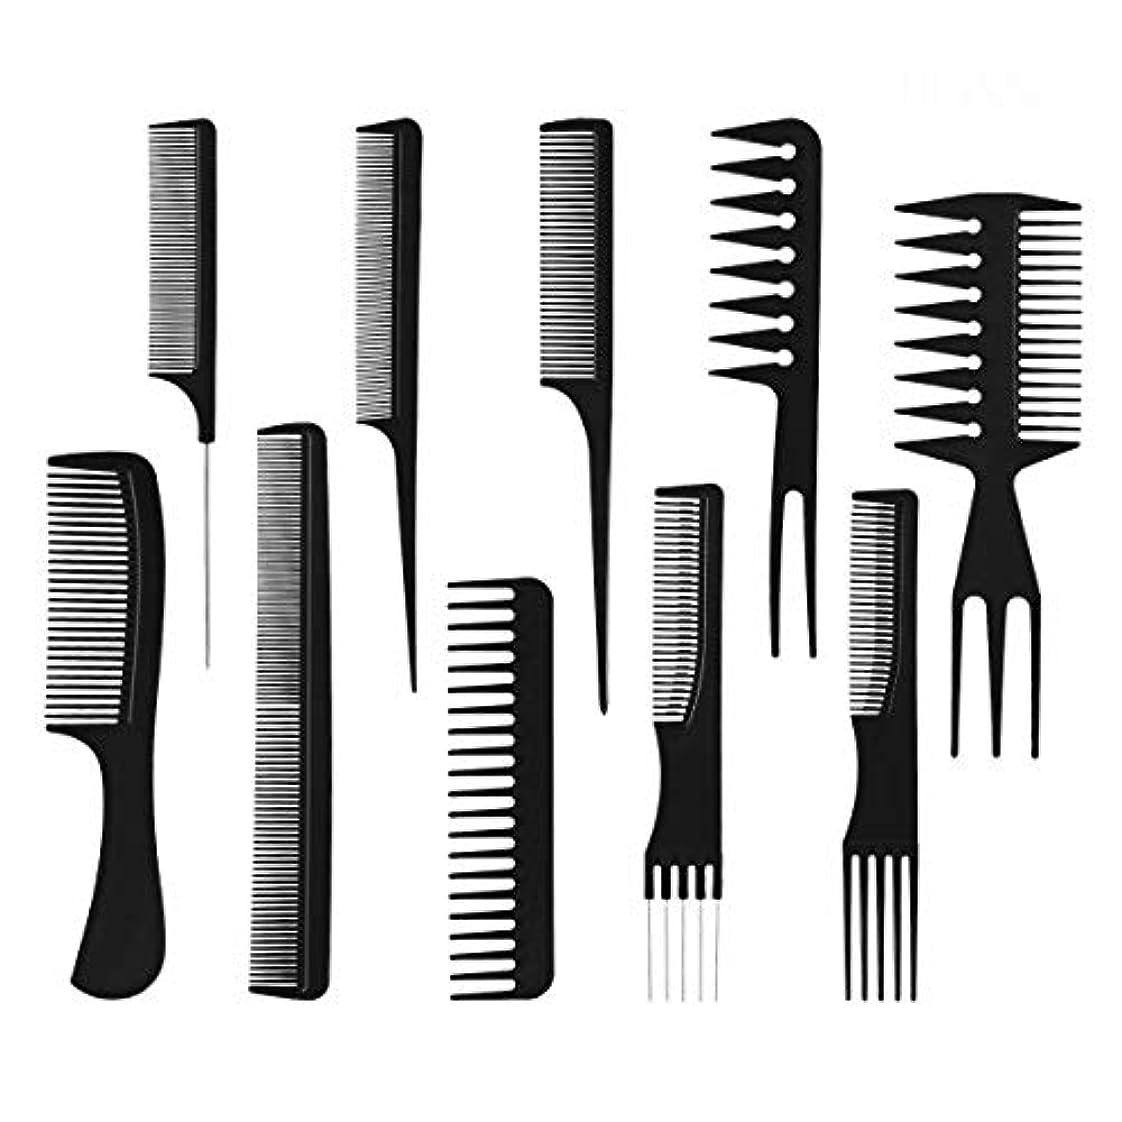 キャプチャー国民中でZHER-LU ヘアブラシ ヘアコーム 髪櫛 プラスチック 理髪道具 美容ツール 美髪セット 美容 理容 散髪 美容師 専用 家庭用 静電気防止 ブラック 10本セット